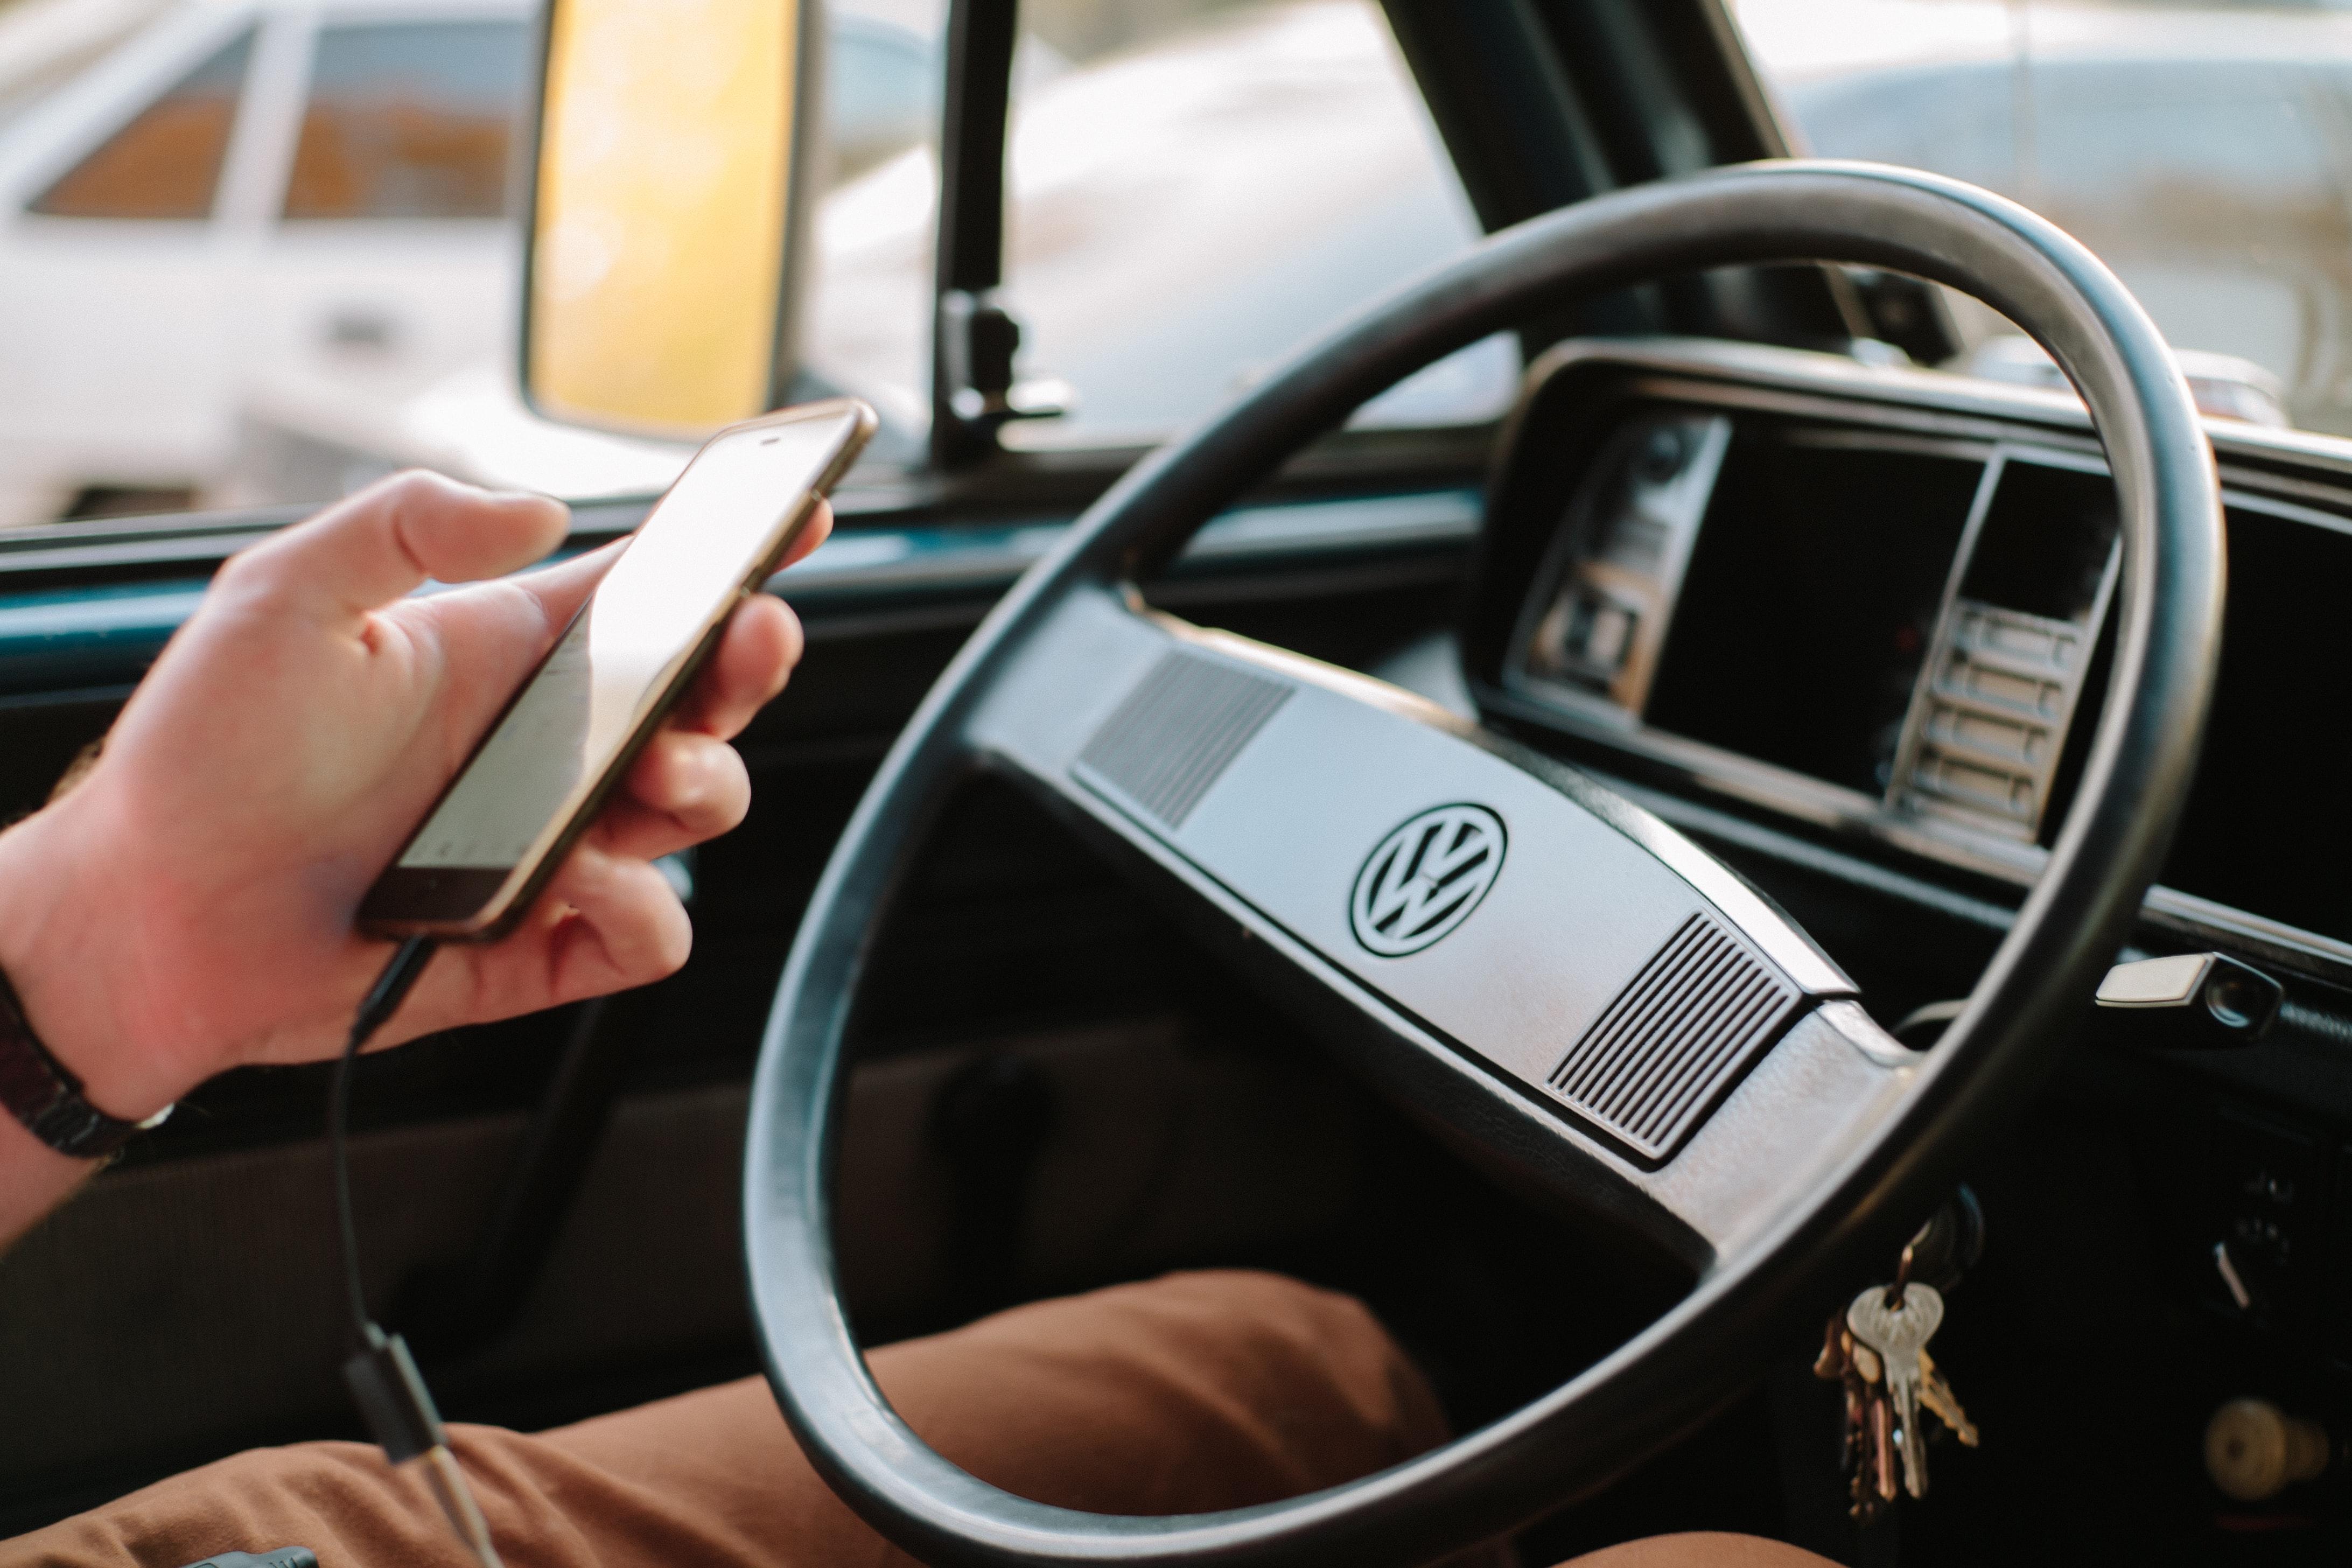 Phone in car